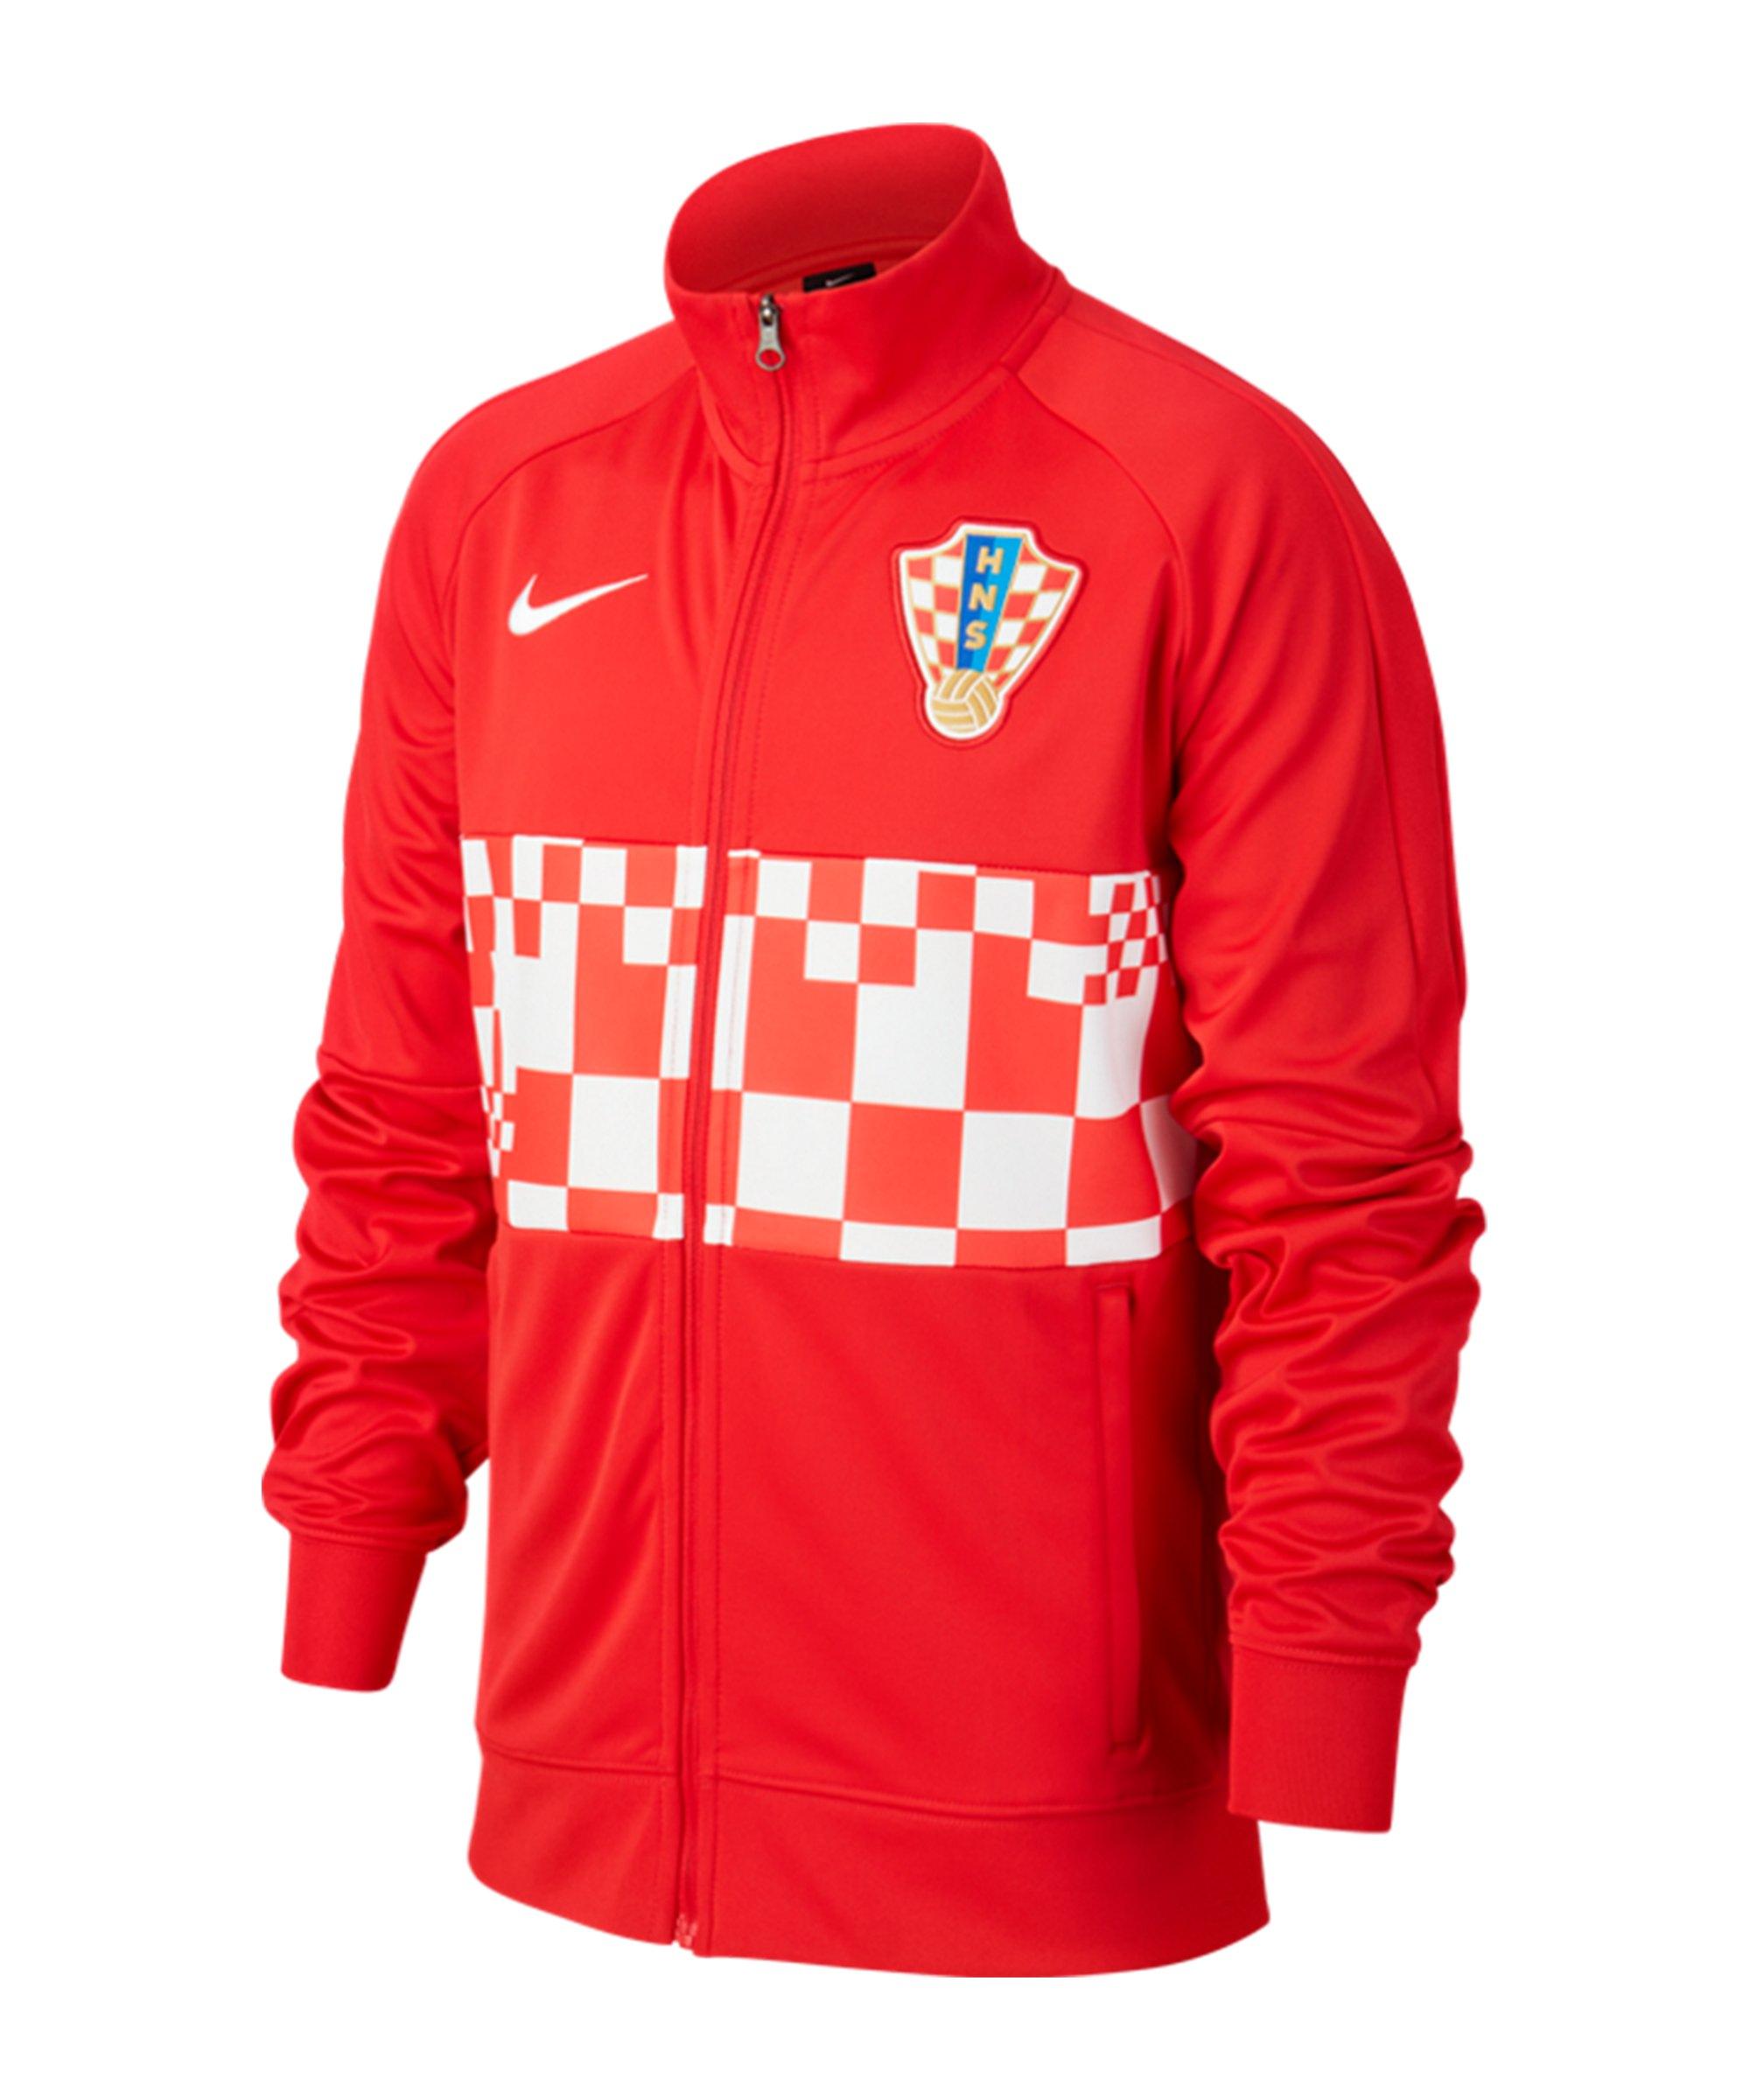 Nike Kroatien I96 Trainingsjacke Kids Rot F657 - rot